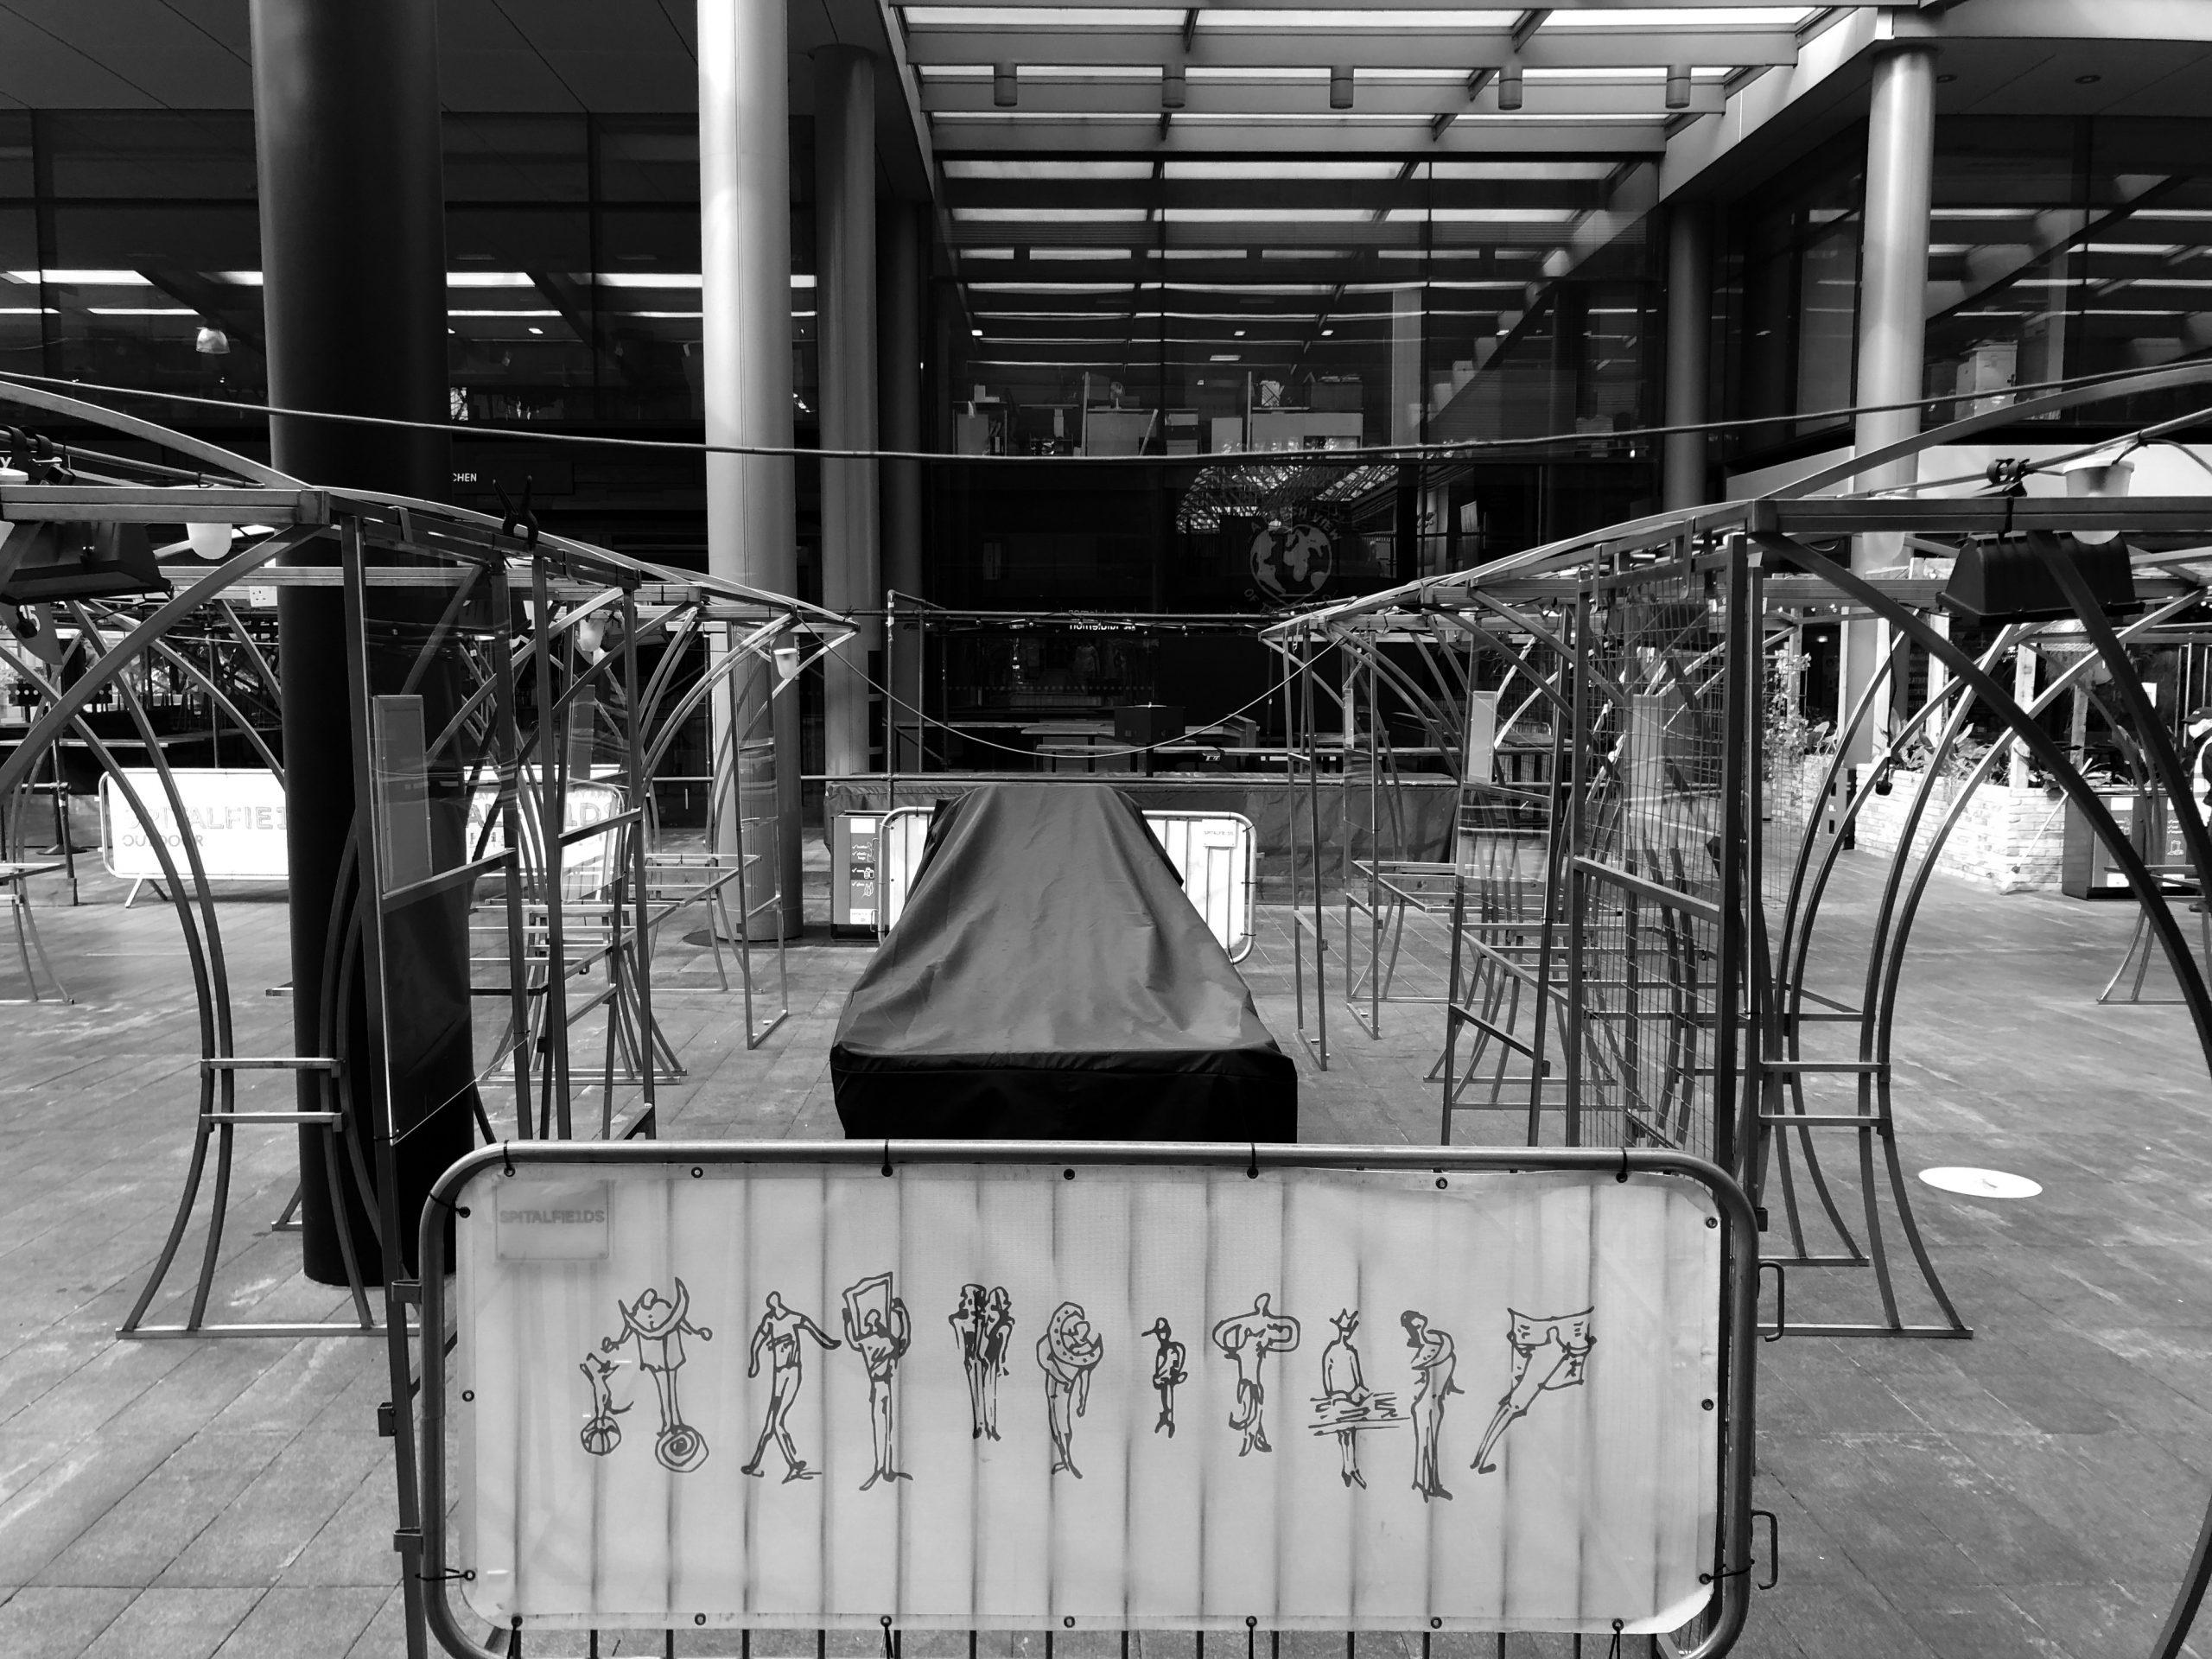 Il mercato coperto di Spietalfields vuoto durante il lockdown